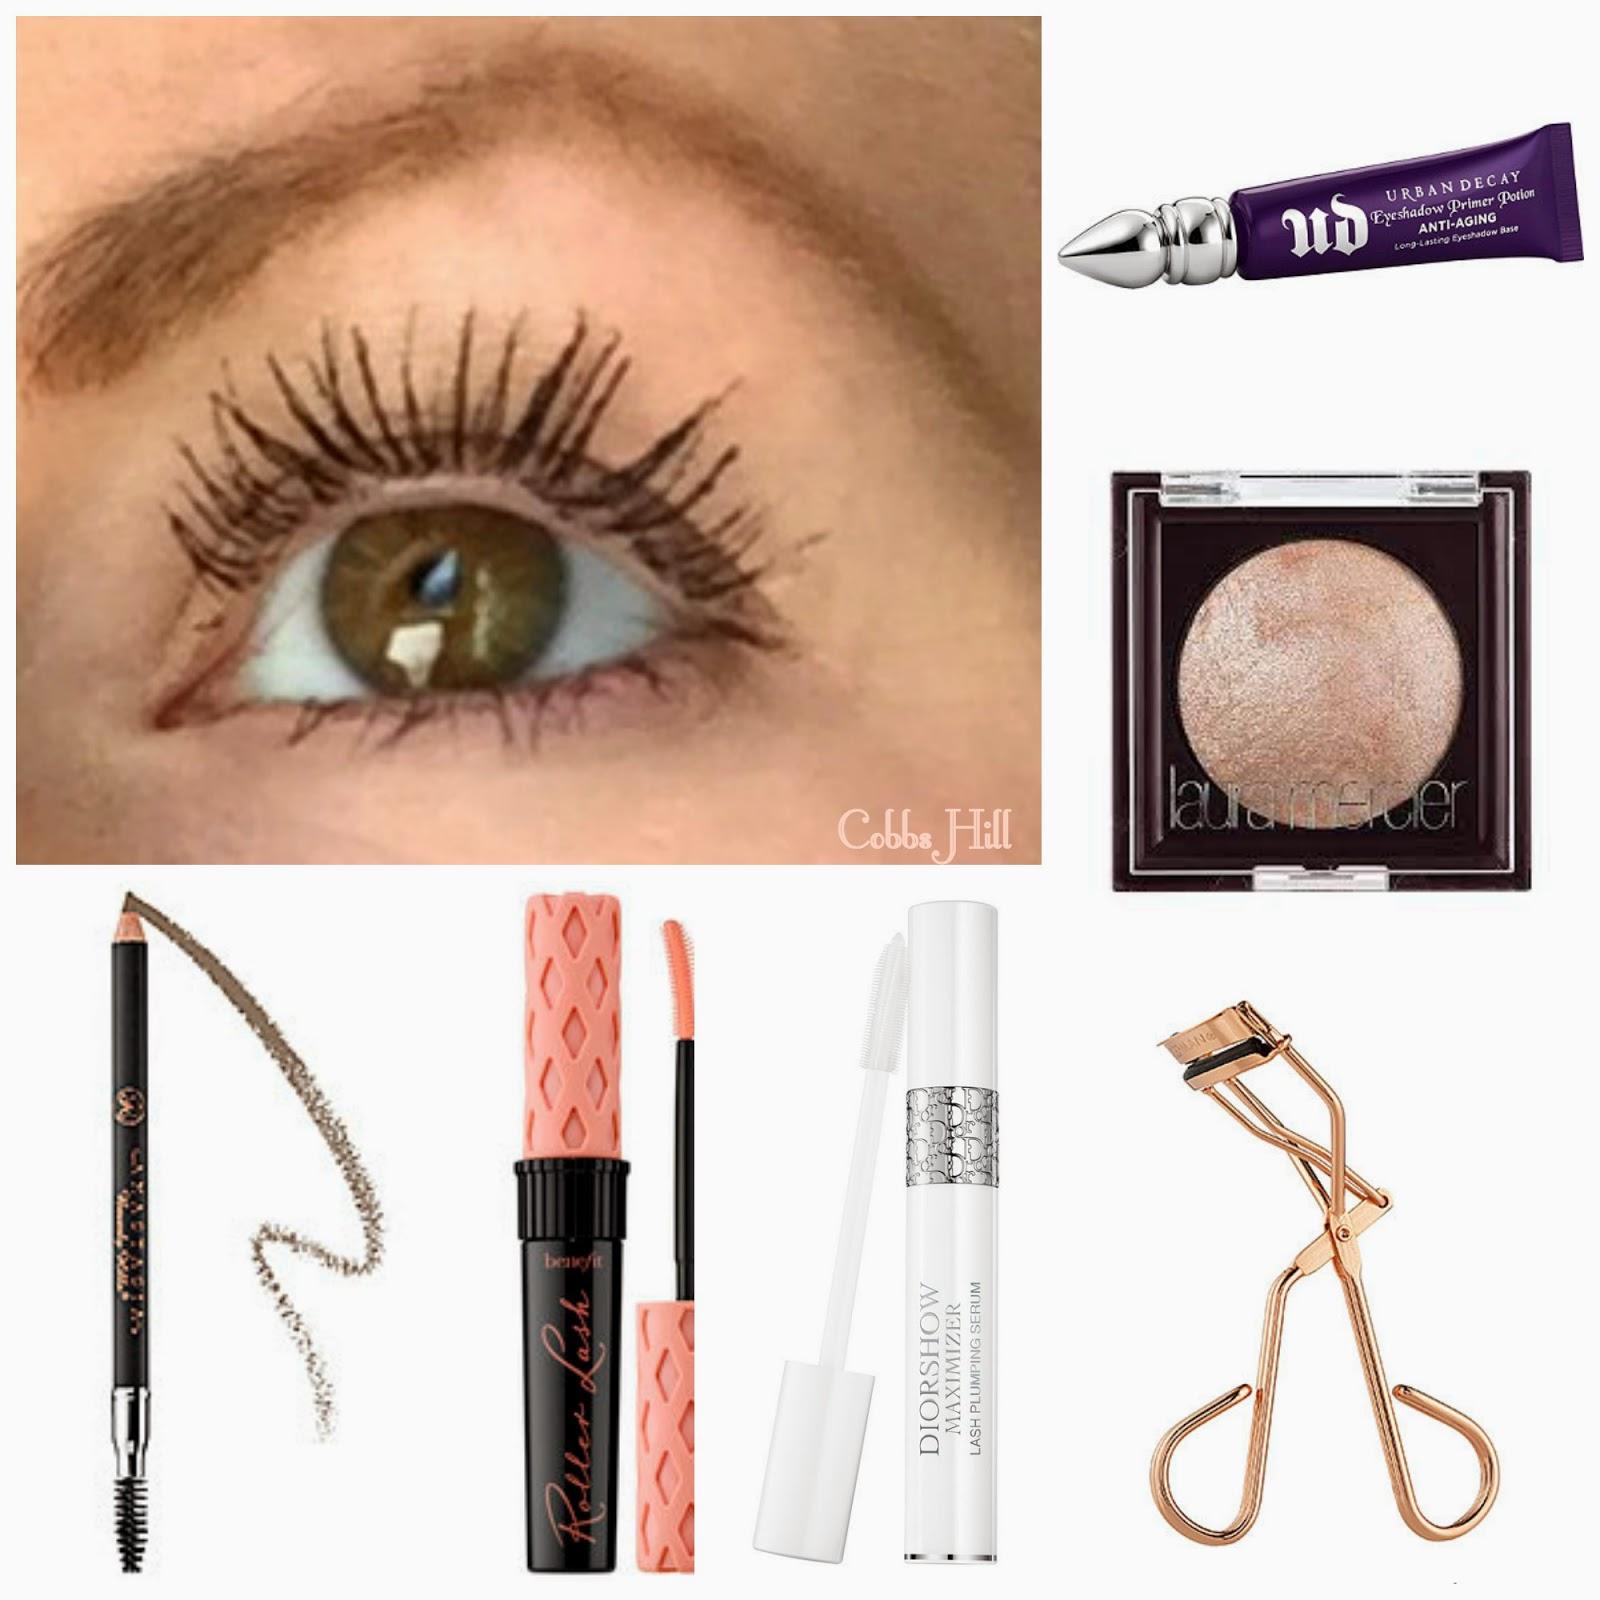 tweezerman procurl eyelash curler. tweezerman pro curl eyelash curler in rose gold · diorshow maximizer lash plumping serum benefit cosmetics roller mascara procurl